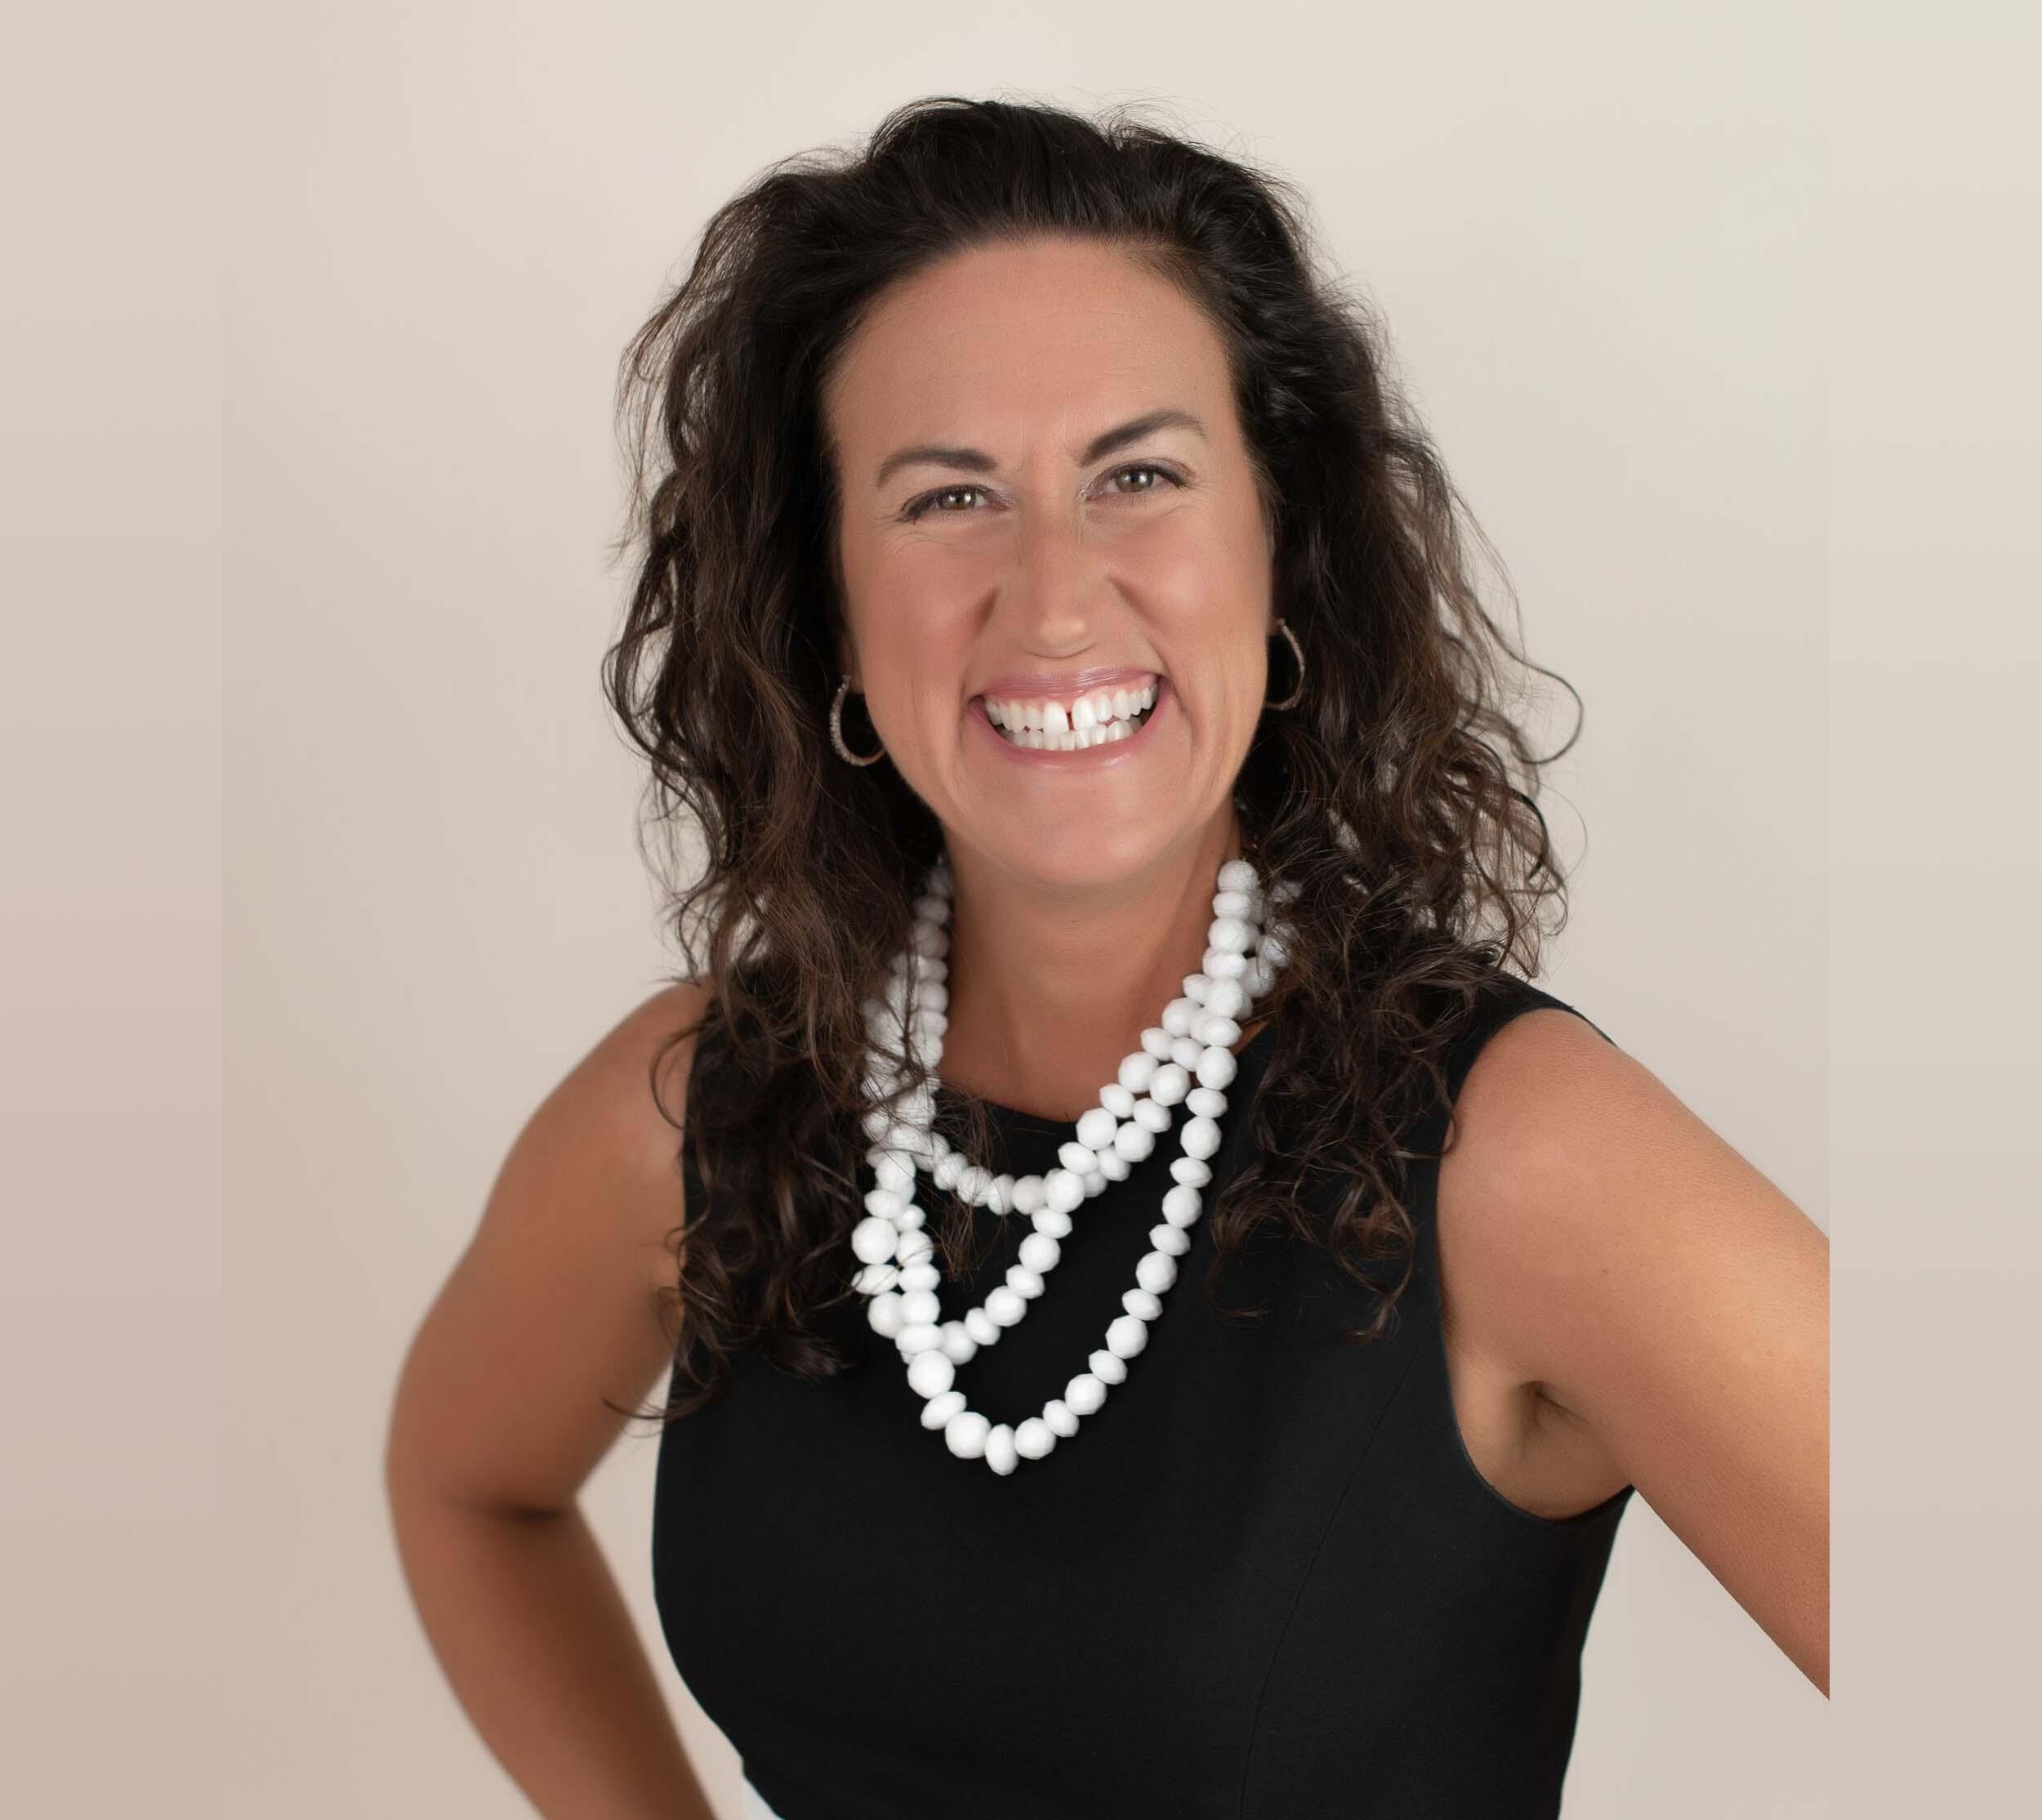 Julie McGrath